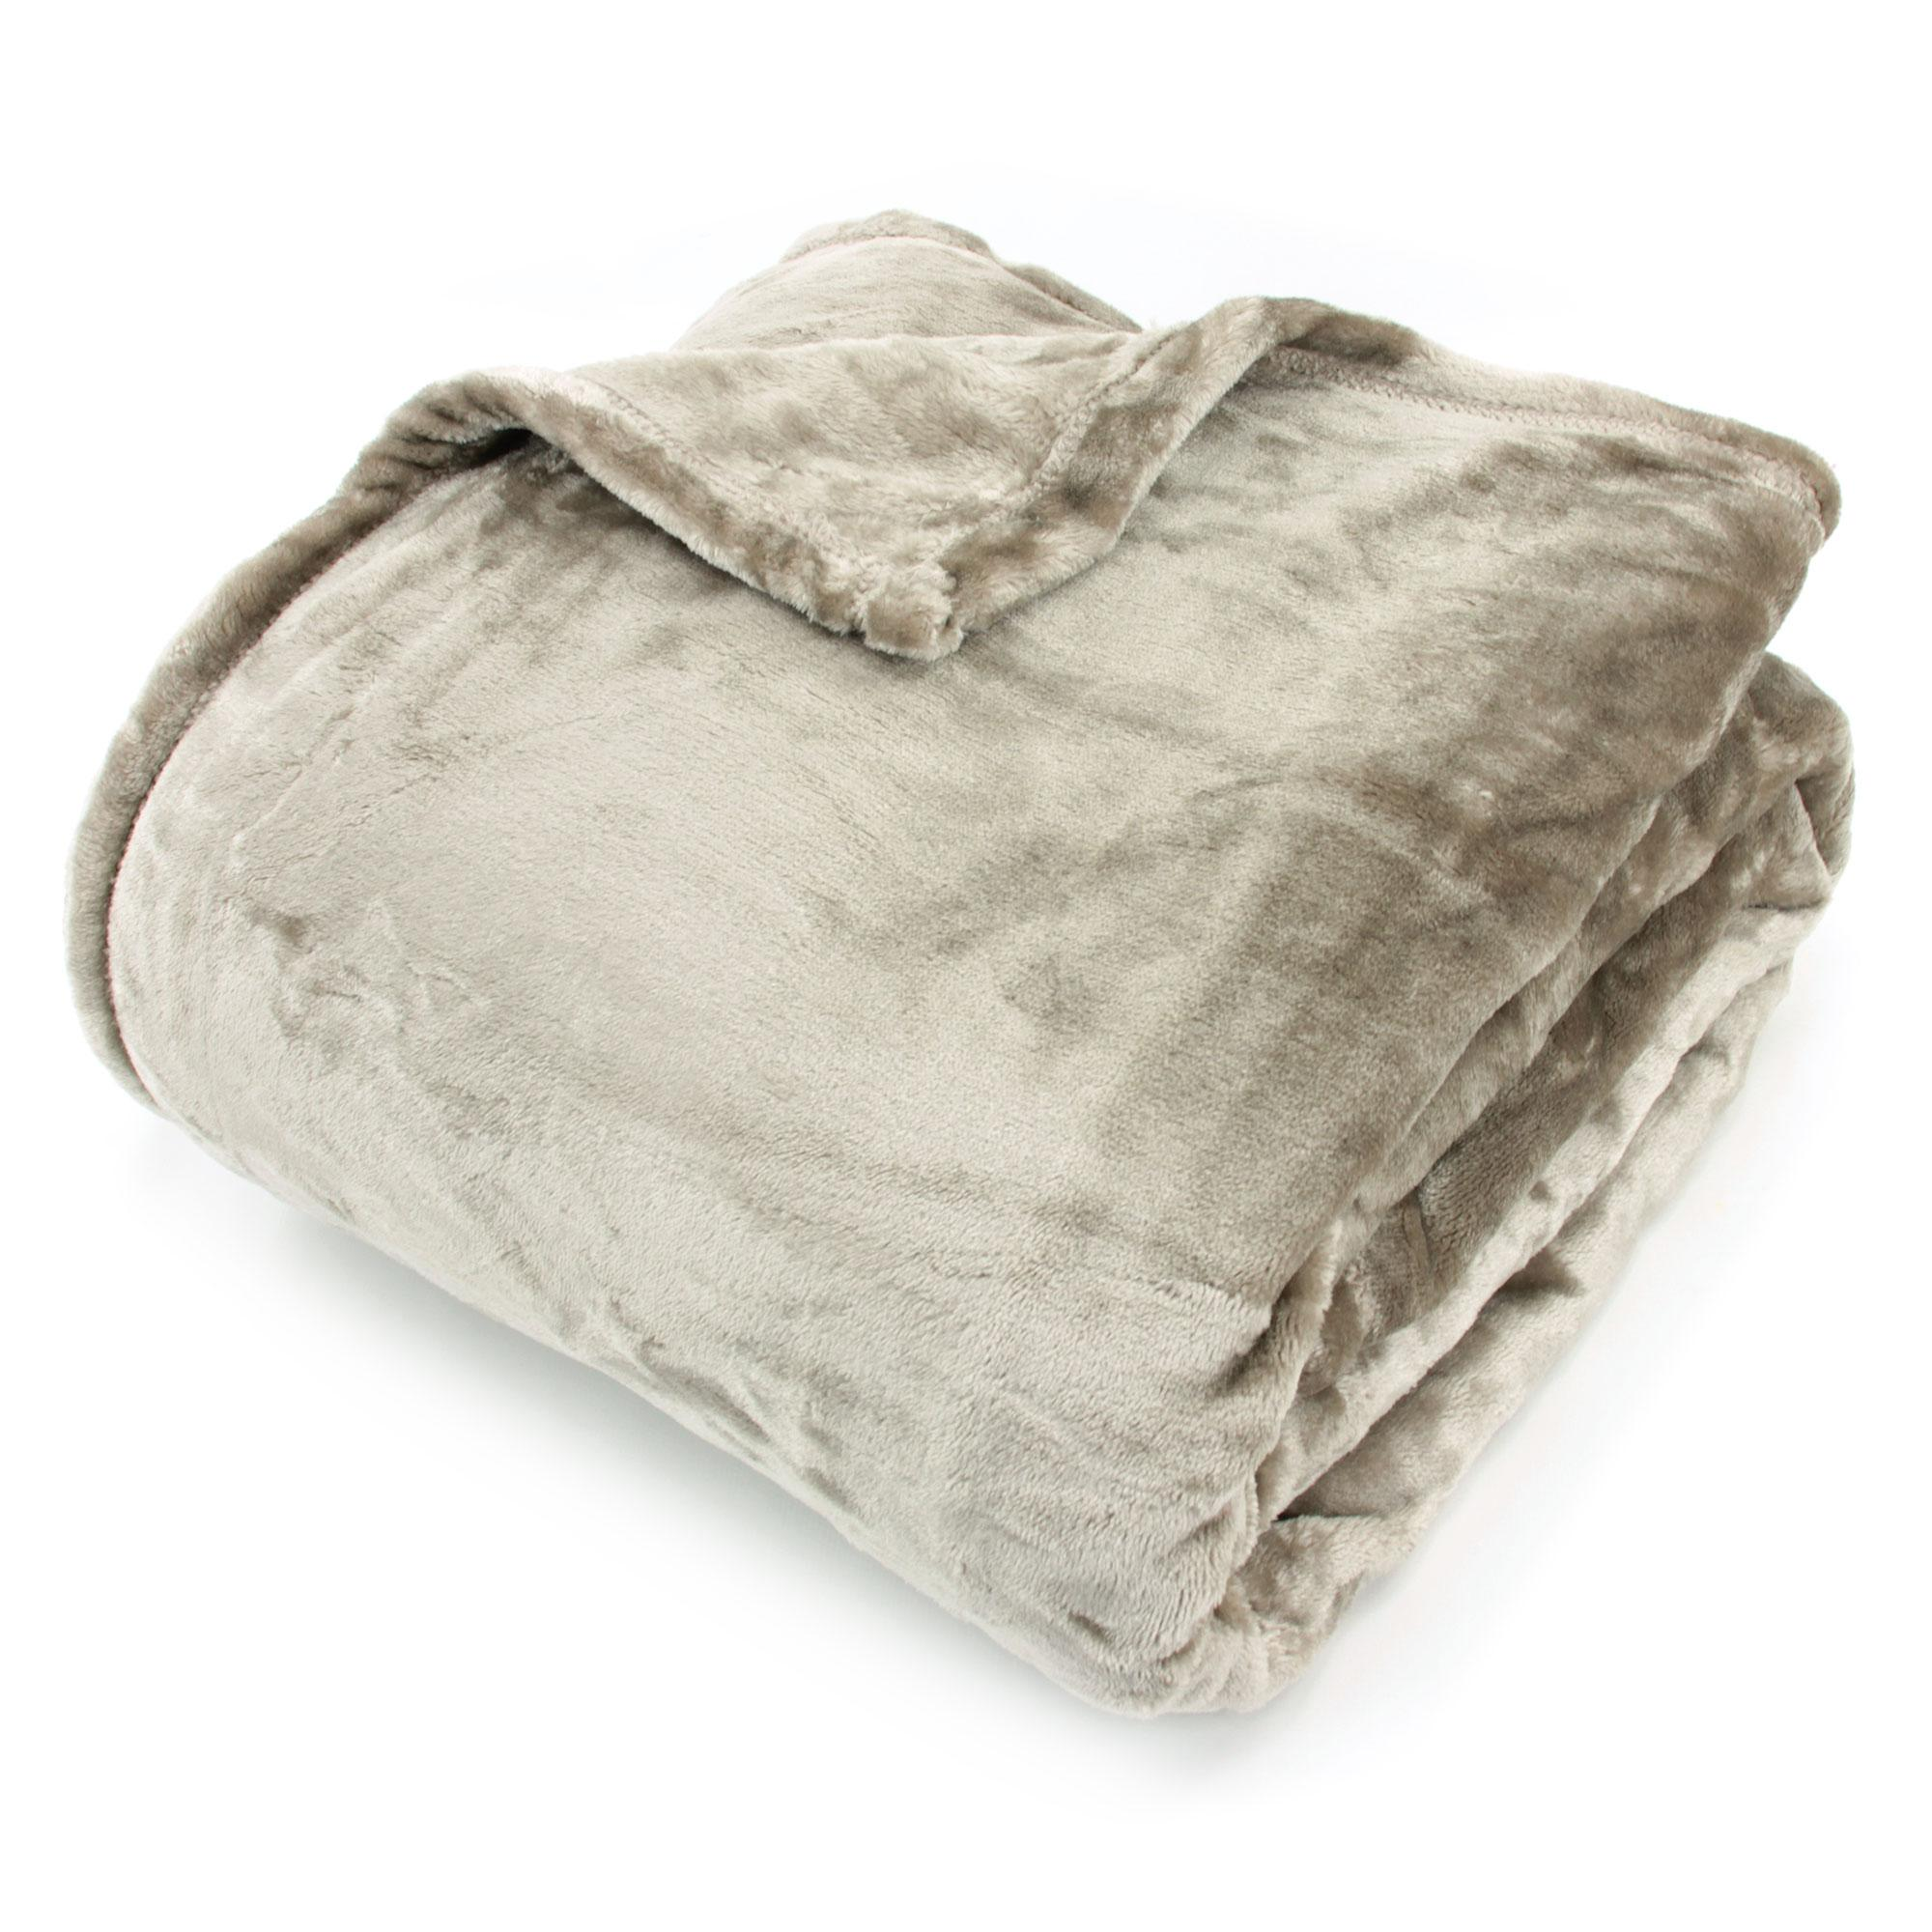 couverture microfibre 220x240 cm velvet taupe linnea linge de maison et. Black Bedroom Furniture Sets. Home Design Ideas